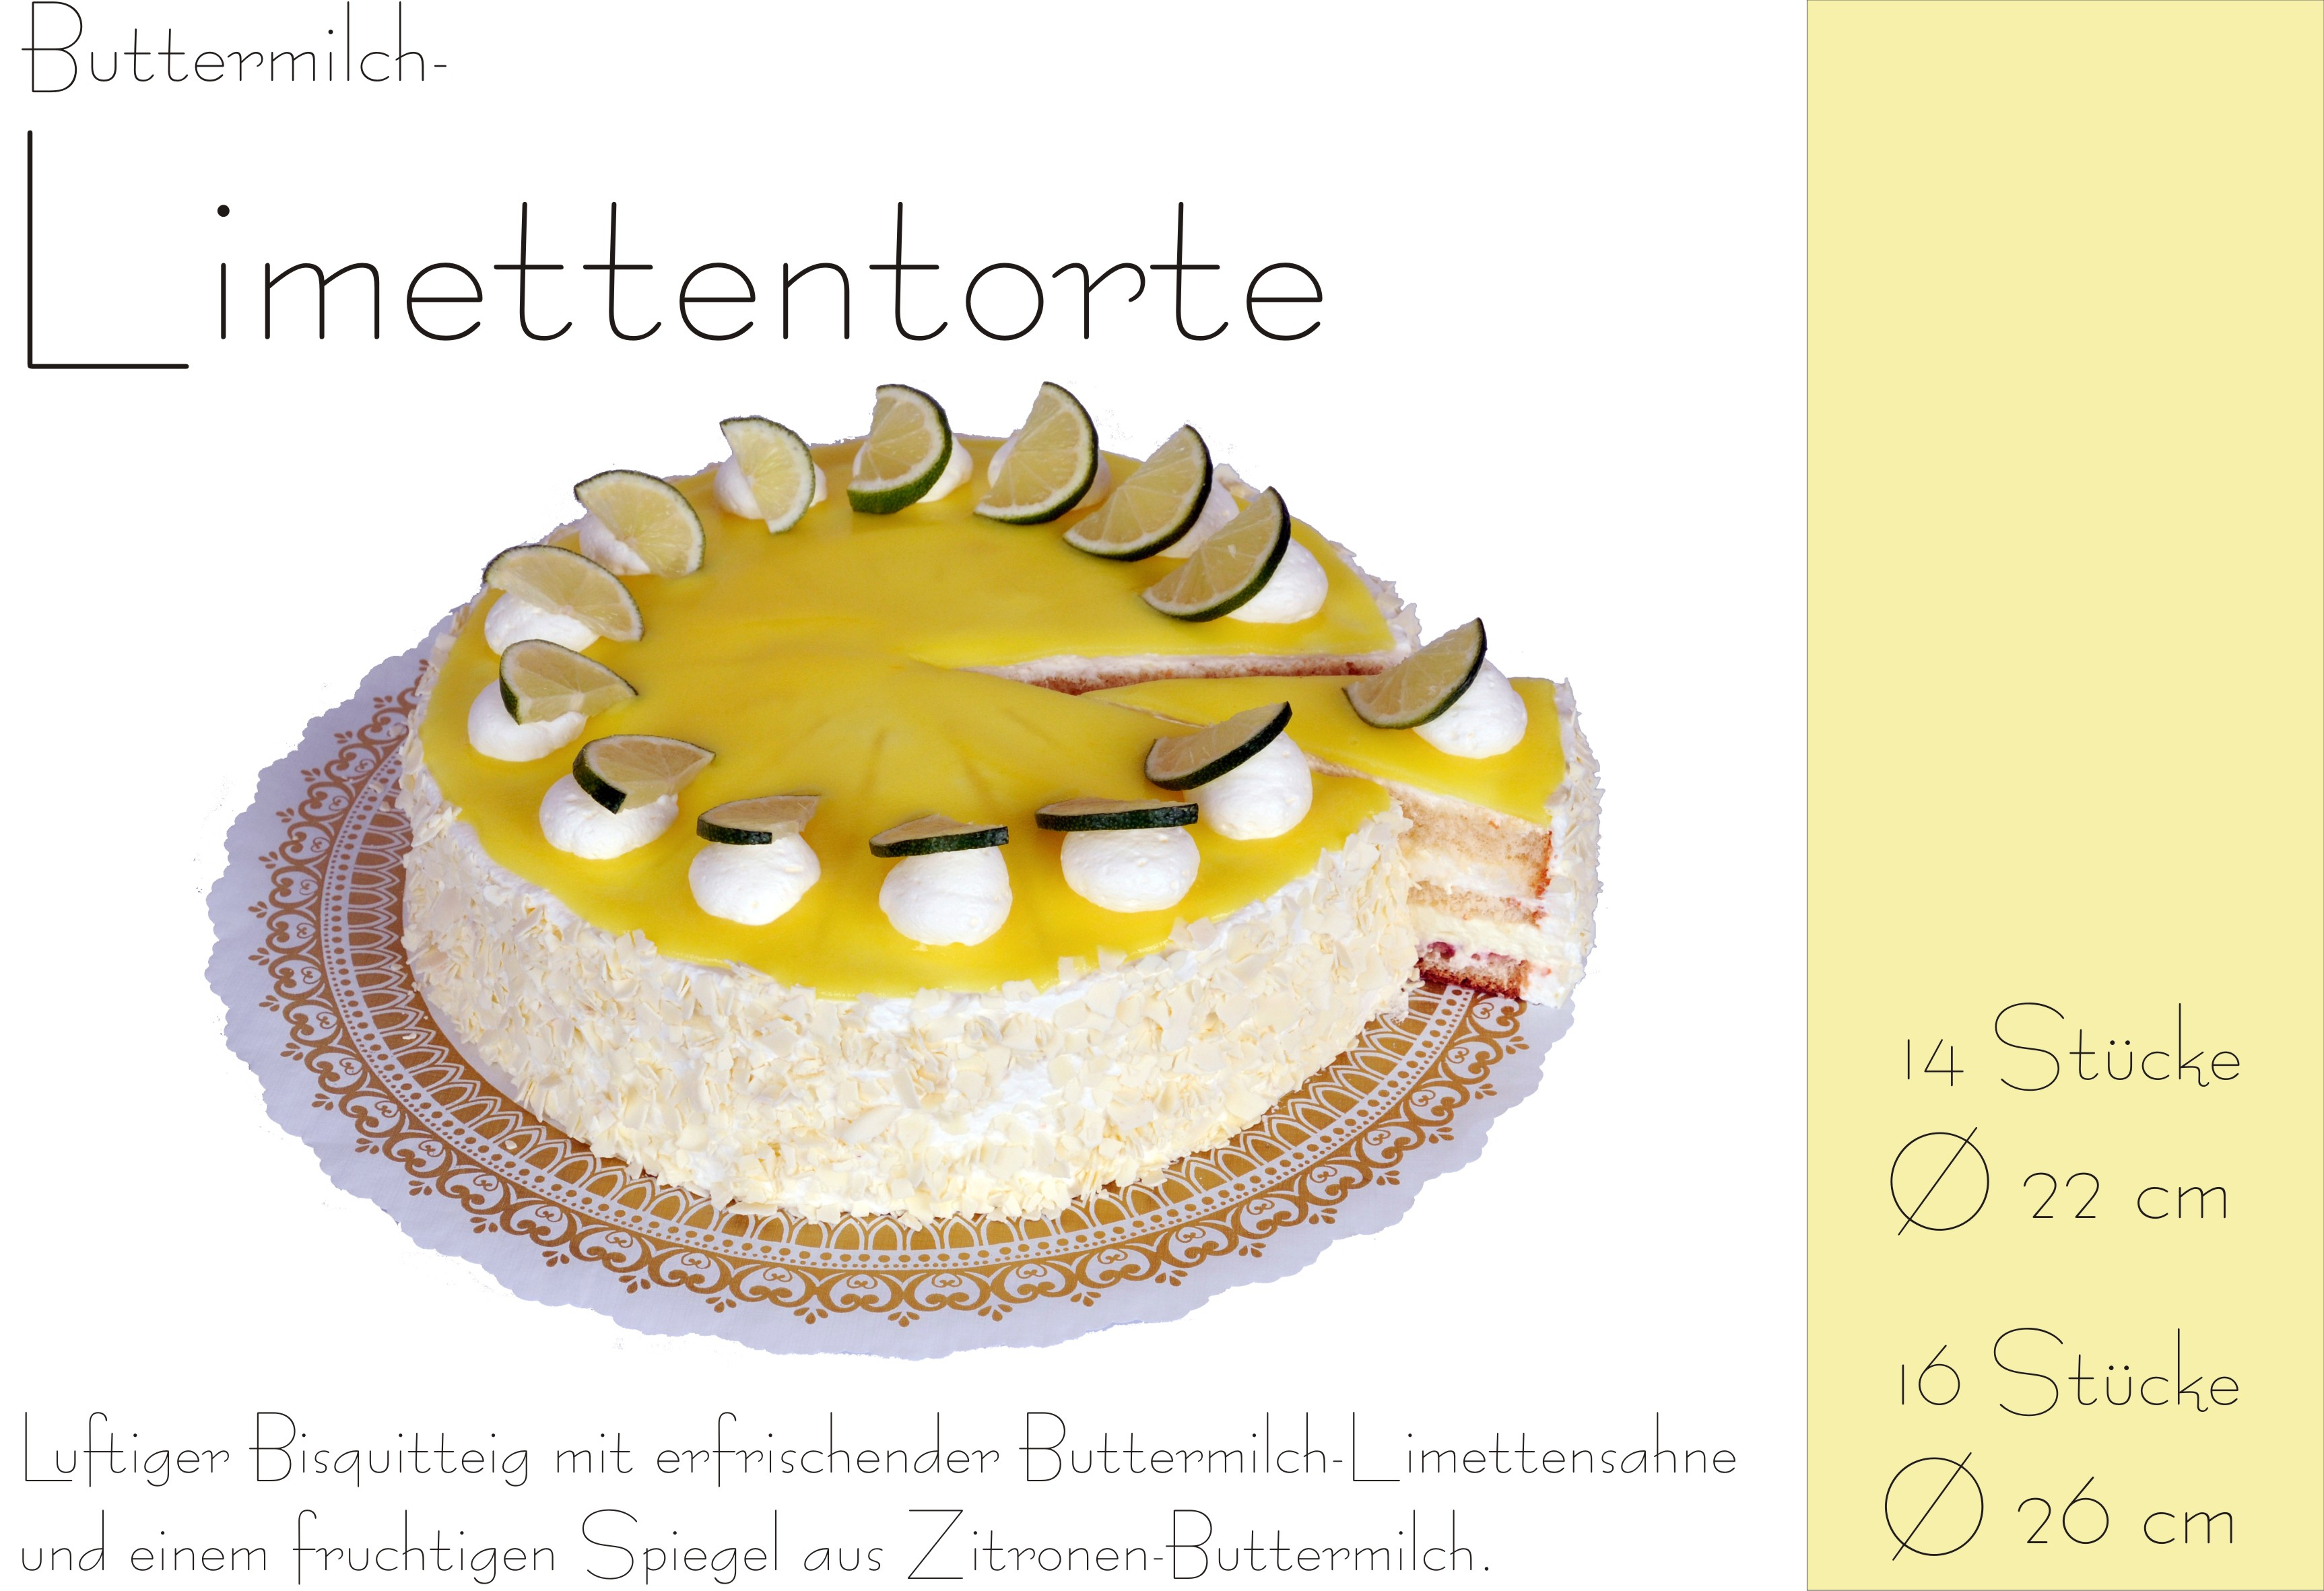 Buttermilch-Limettentorte